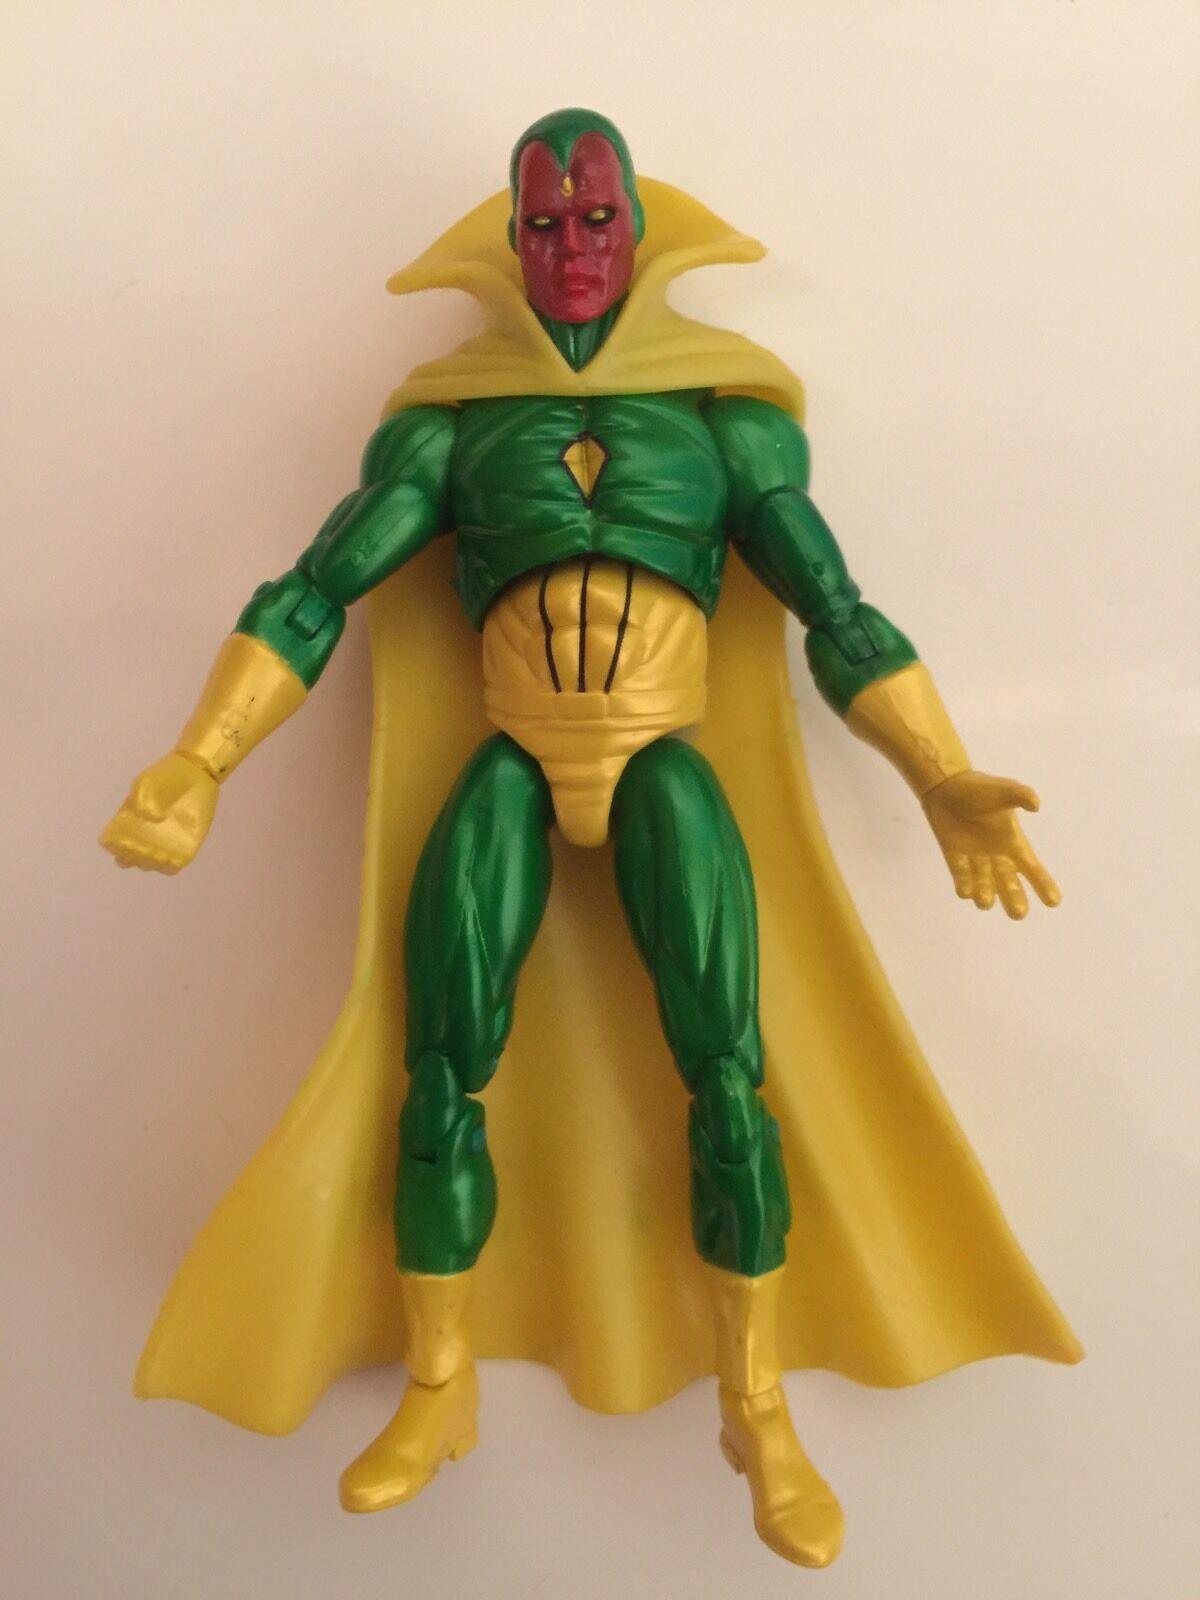 Marvel univers Infini legends figure  3.75  Vision solide variante. M  commandez maintenant profitez de gros rabais